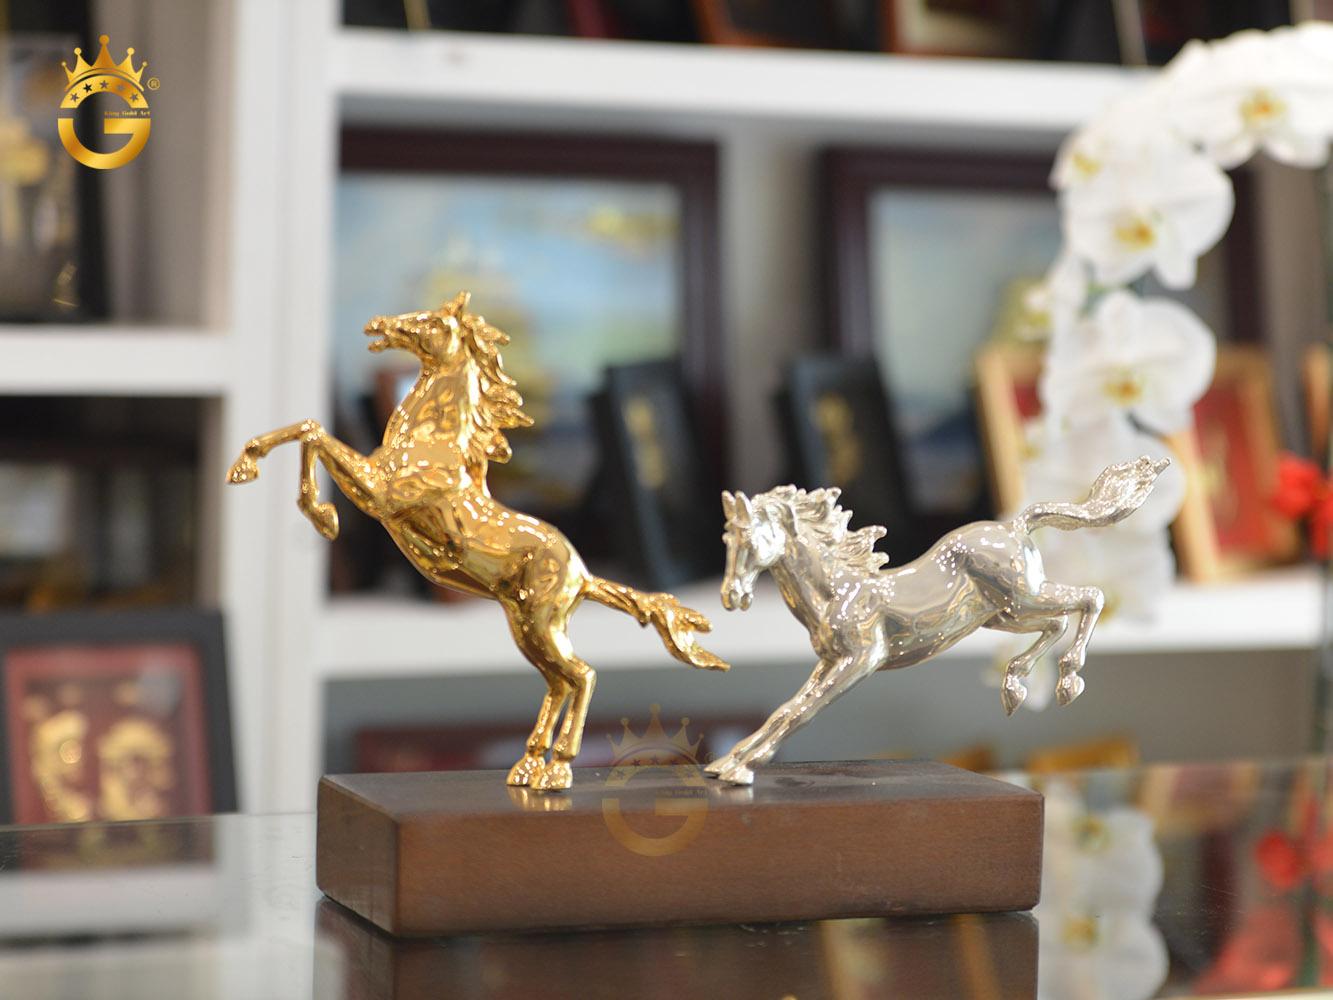 Tượng ngựa mạ bạc mạ vàng 24k đẹp tinh xảo làm quà tặng sếp nam tuổi Ngọ